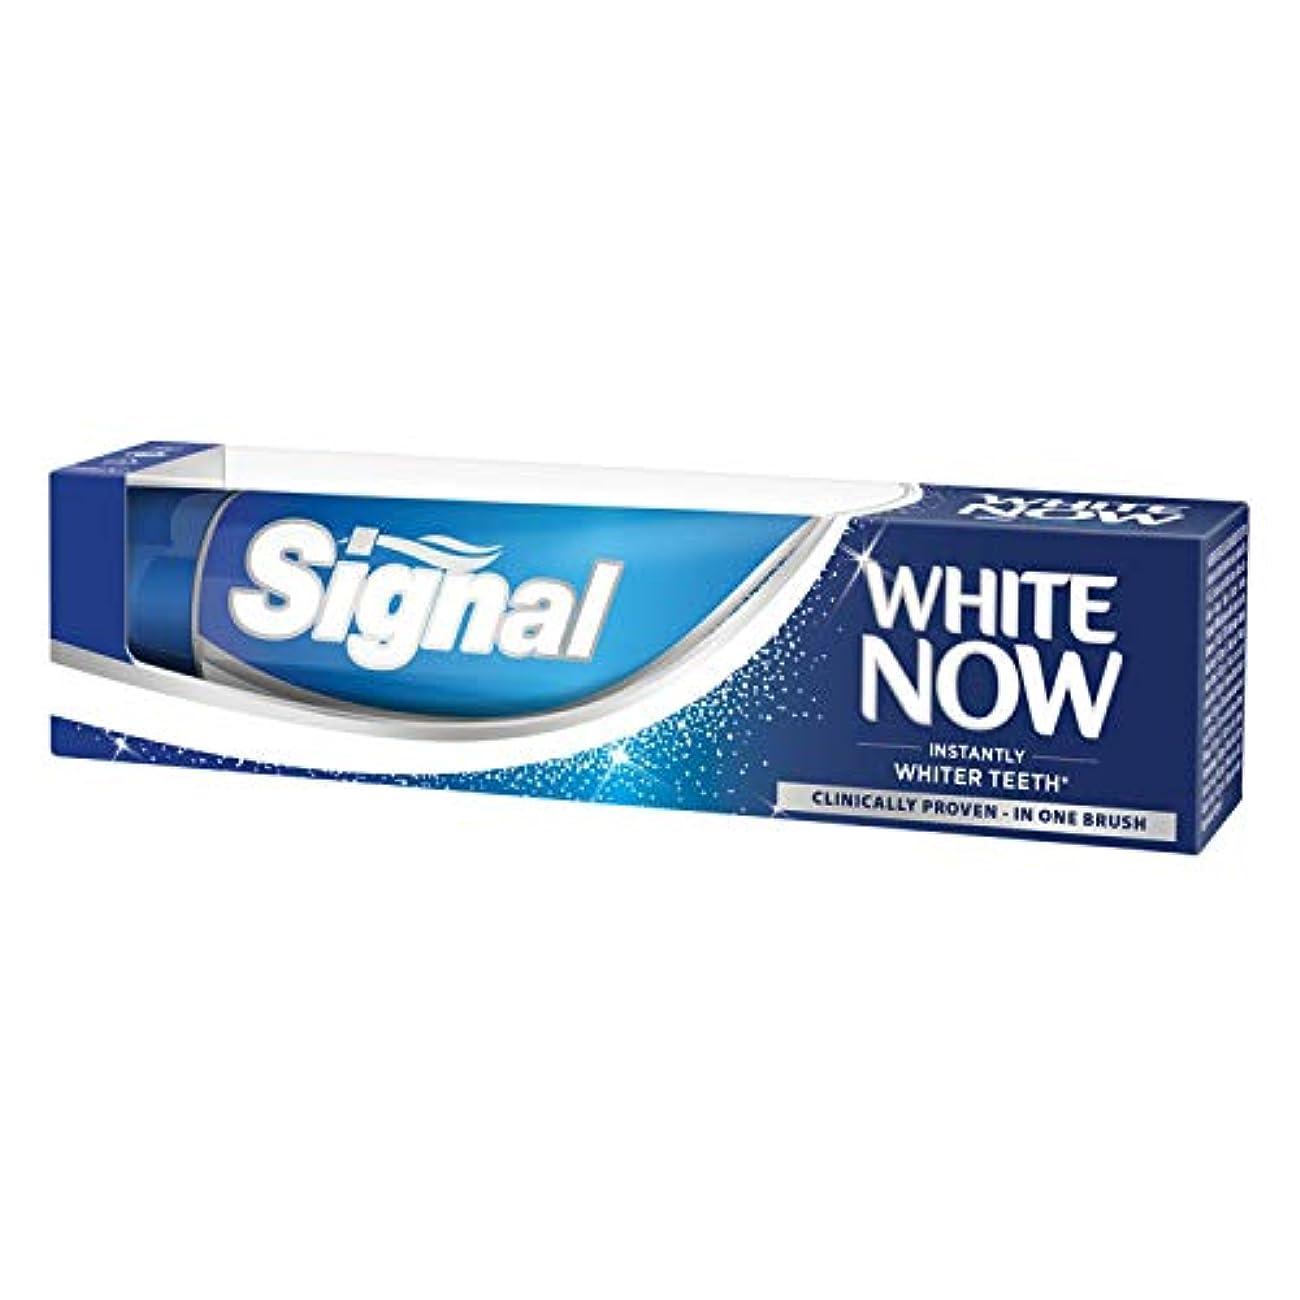 再生可能セクションむき出しSignal(シンガル) White Now「白今」 ホワイトニング歯磨き粉 インスタント効果、臨床的に証明された 75ml 3個入り [並行輸入品]